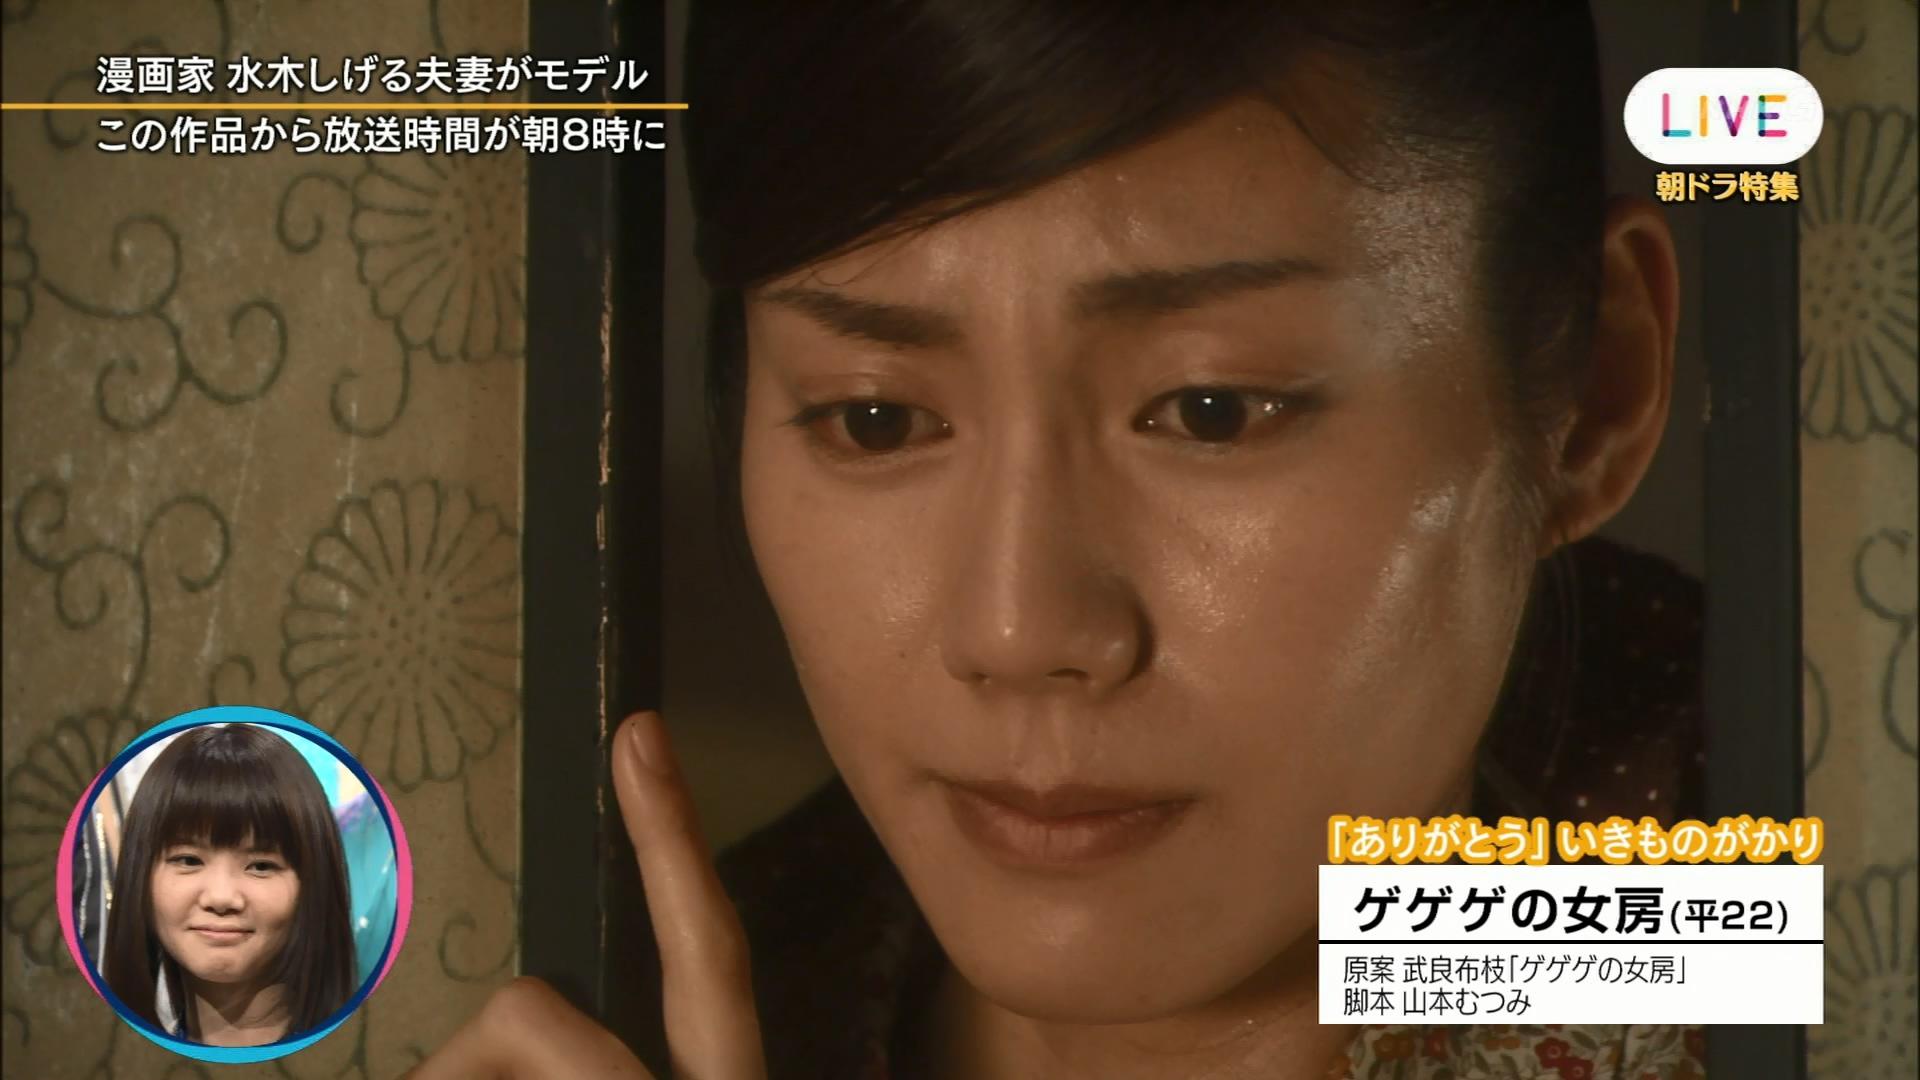 2016.04.12 全場(うたコン).ts_20160412_210456.019